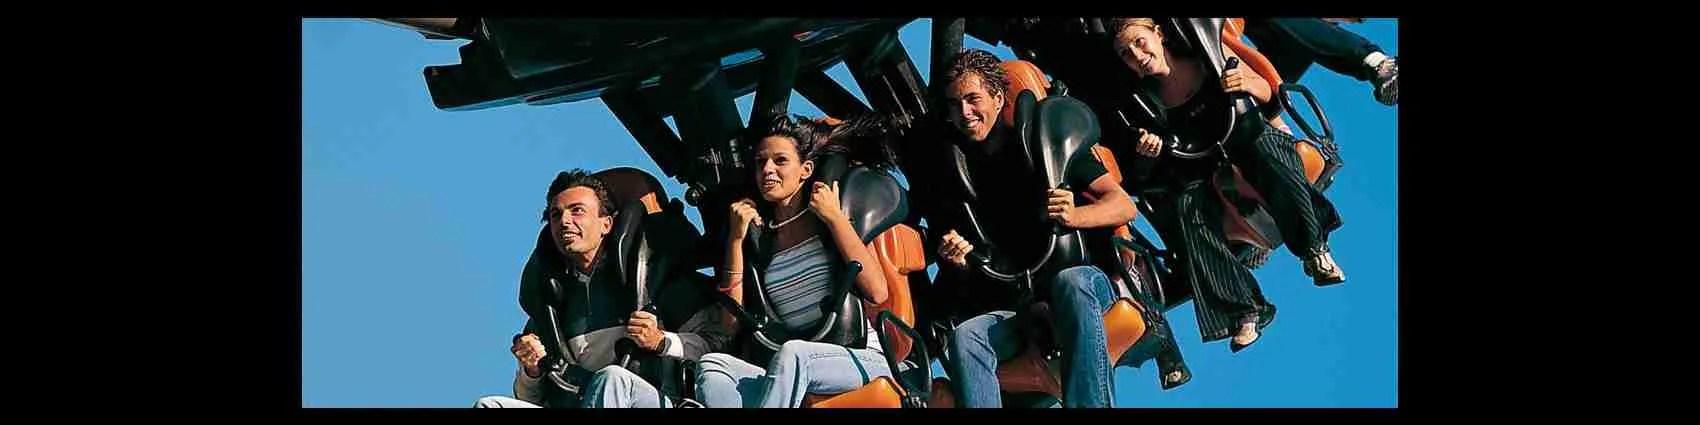 Le escort Verona amano le scariche di adrenalina indotte dal Blue Tornado che si trova a Gardaland, una delle attrazioni più folli presenti nel parco dei divertimenti di Verona. Magica Escort